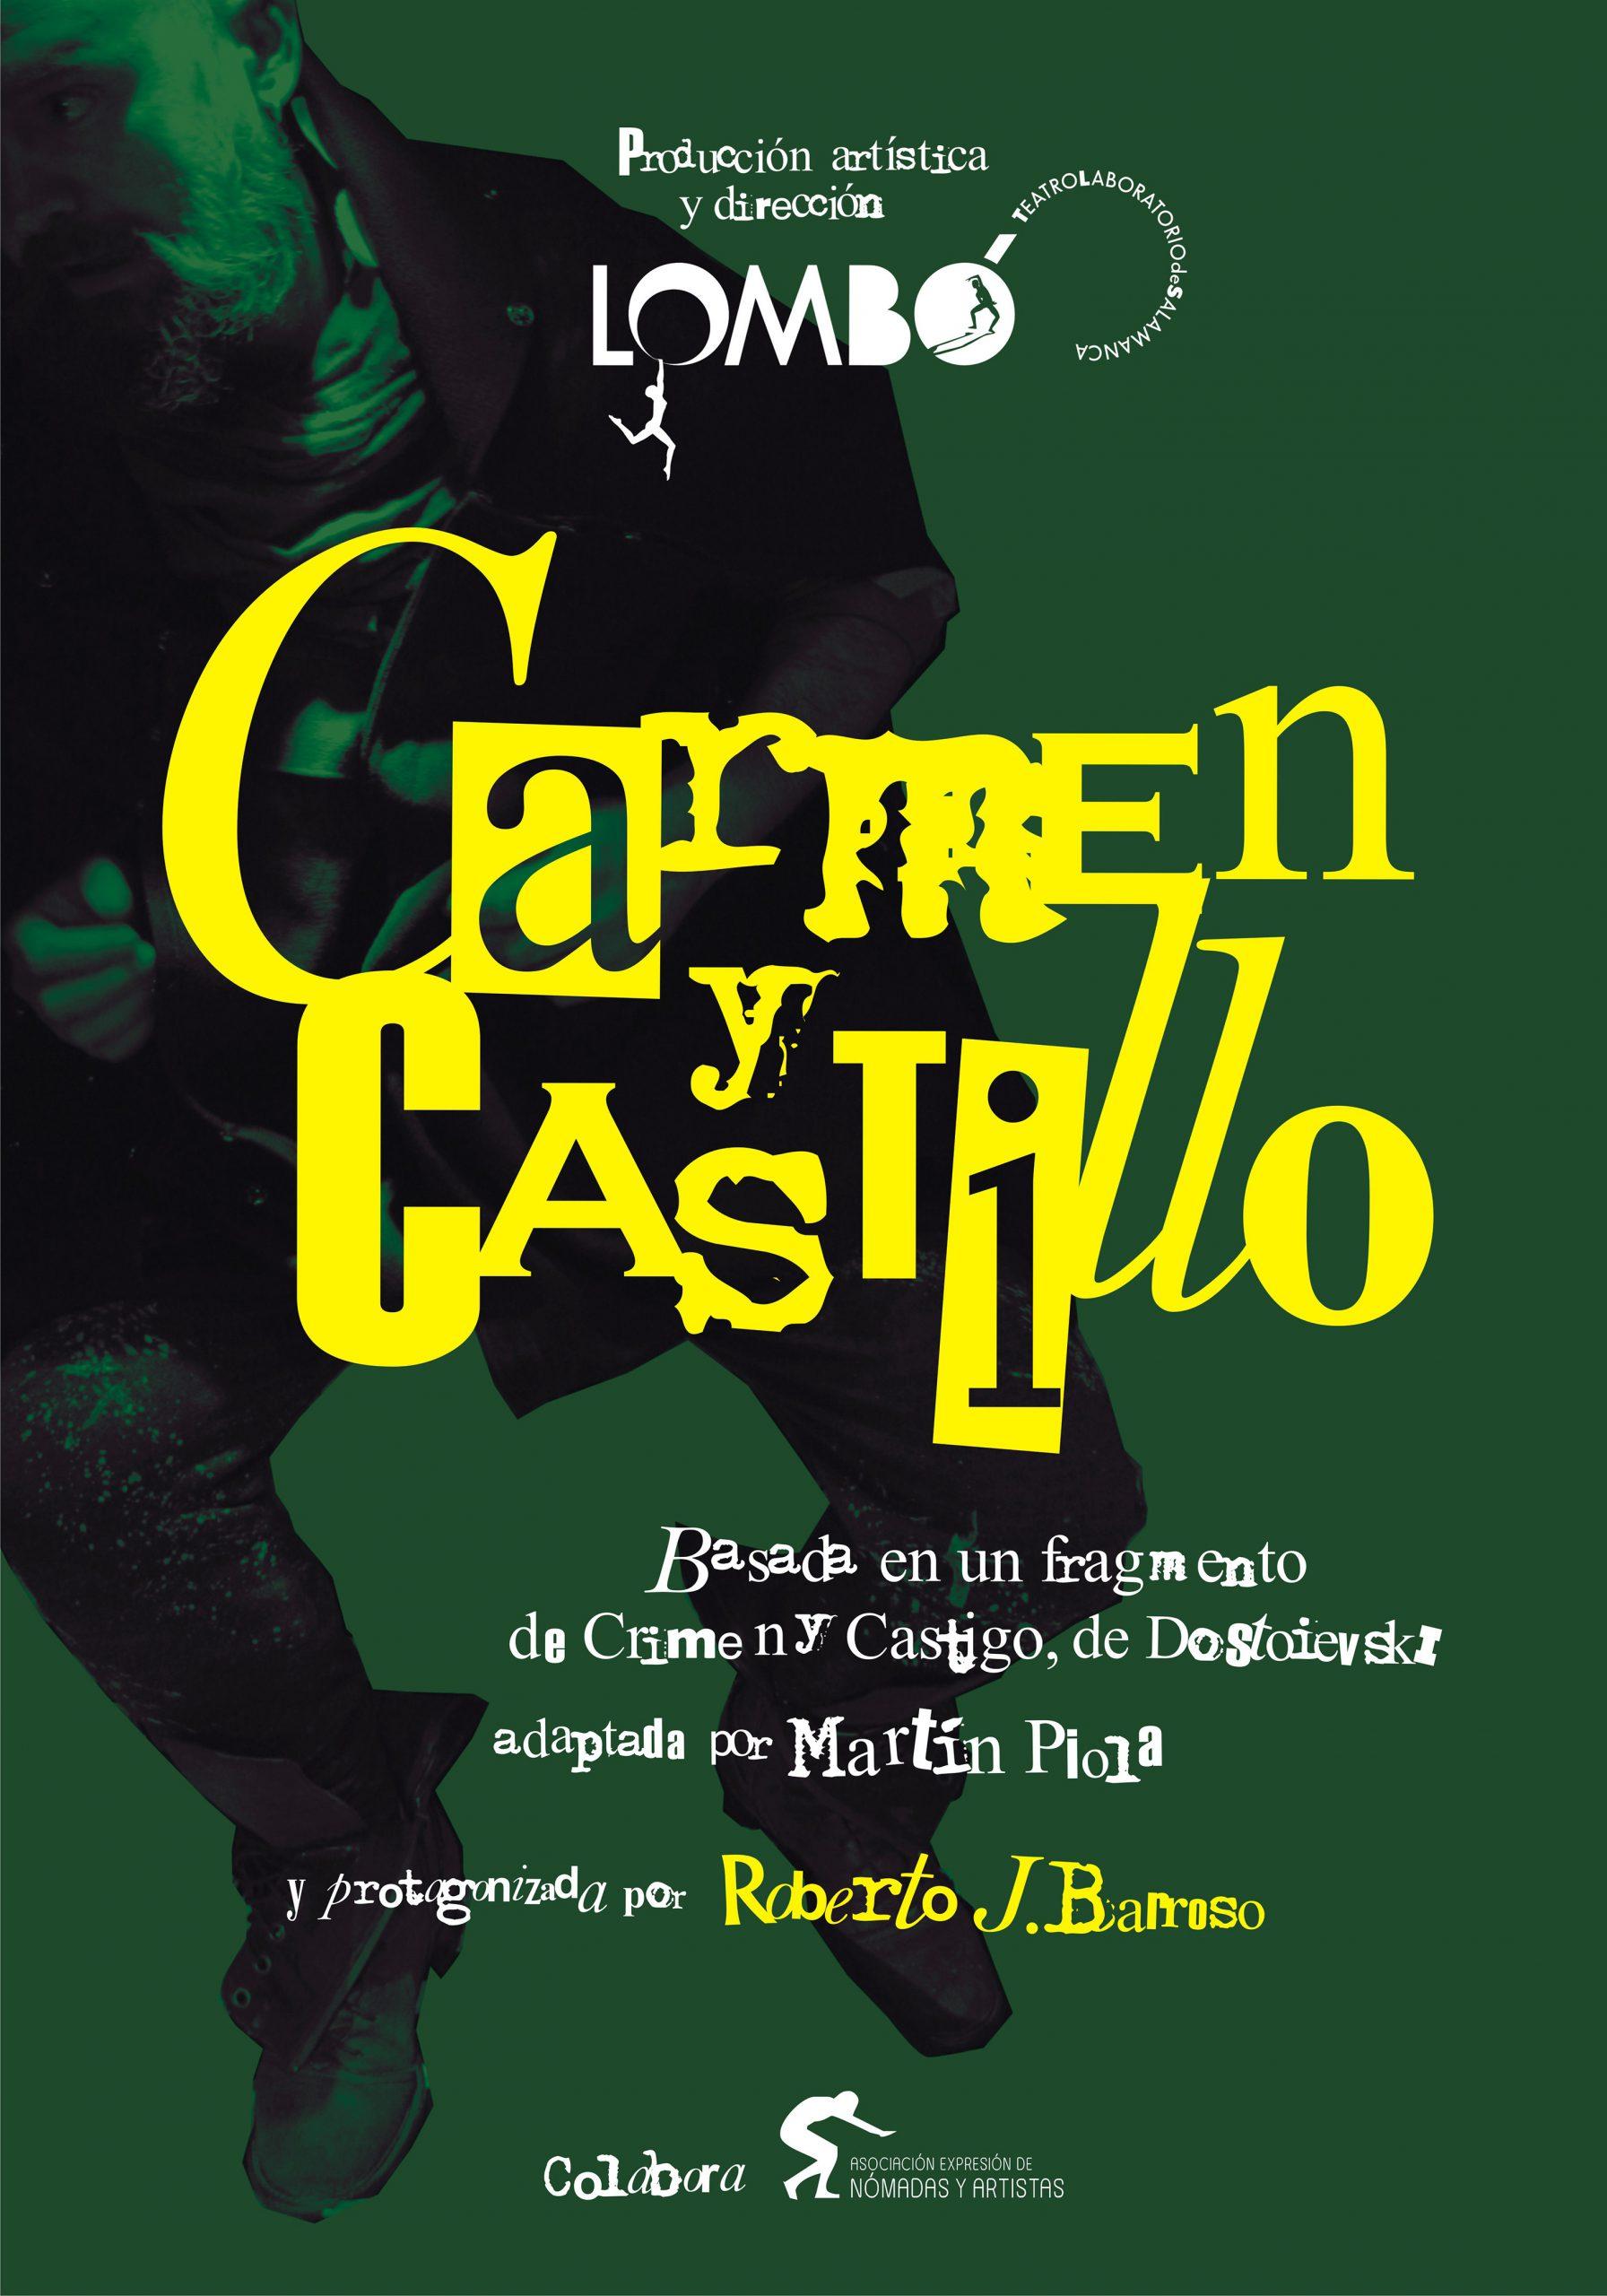 Carmen y Castillo